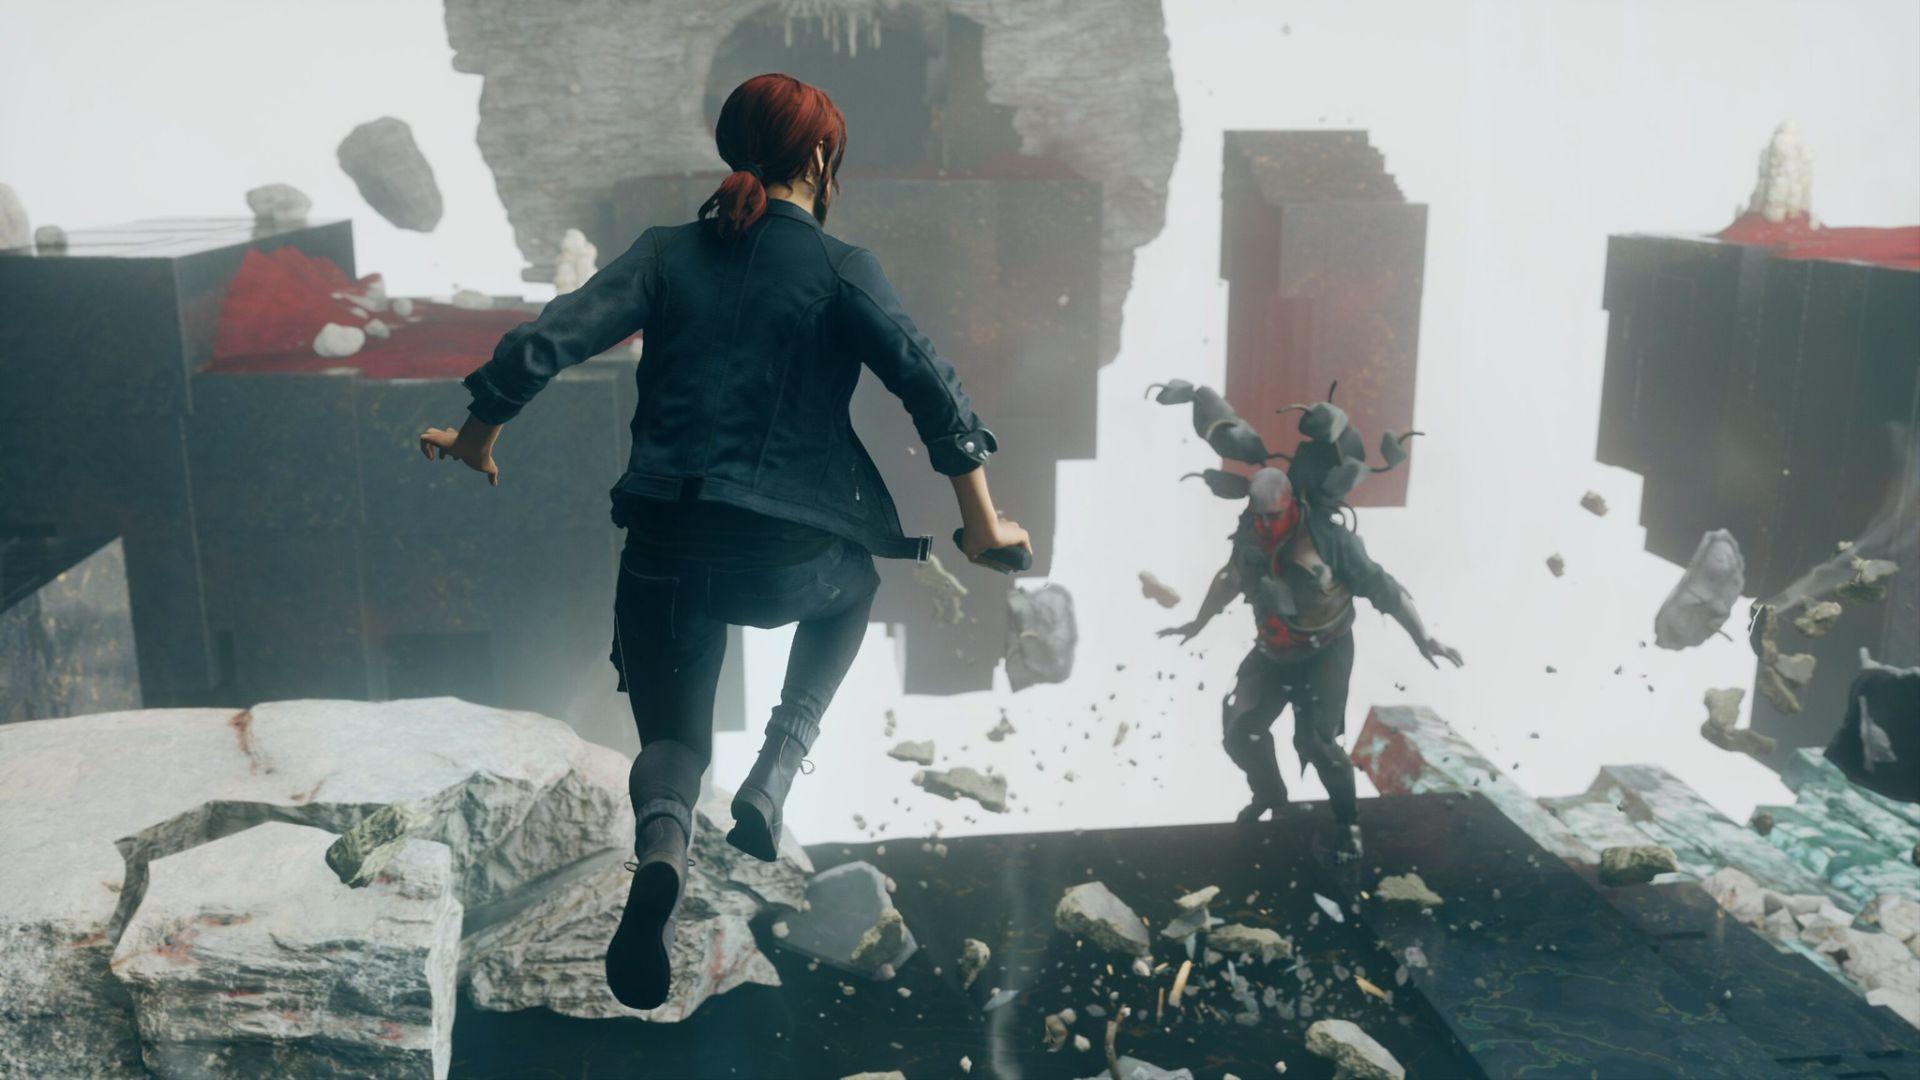 Ufficiale: Control arriverà su Playstation 5 e Xbox Series X